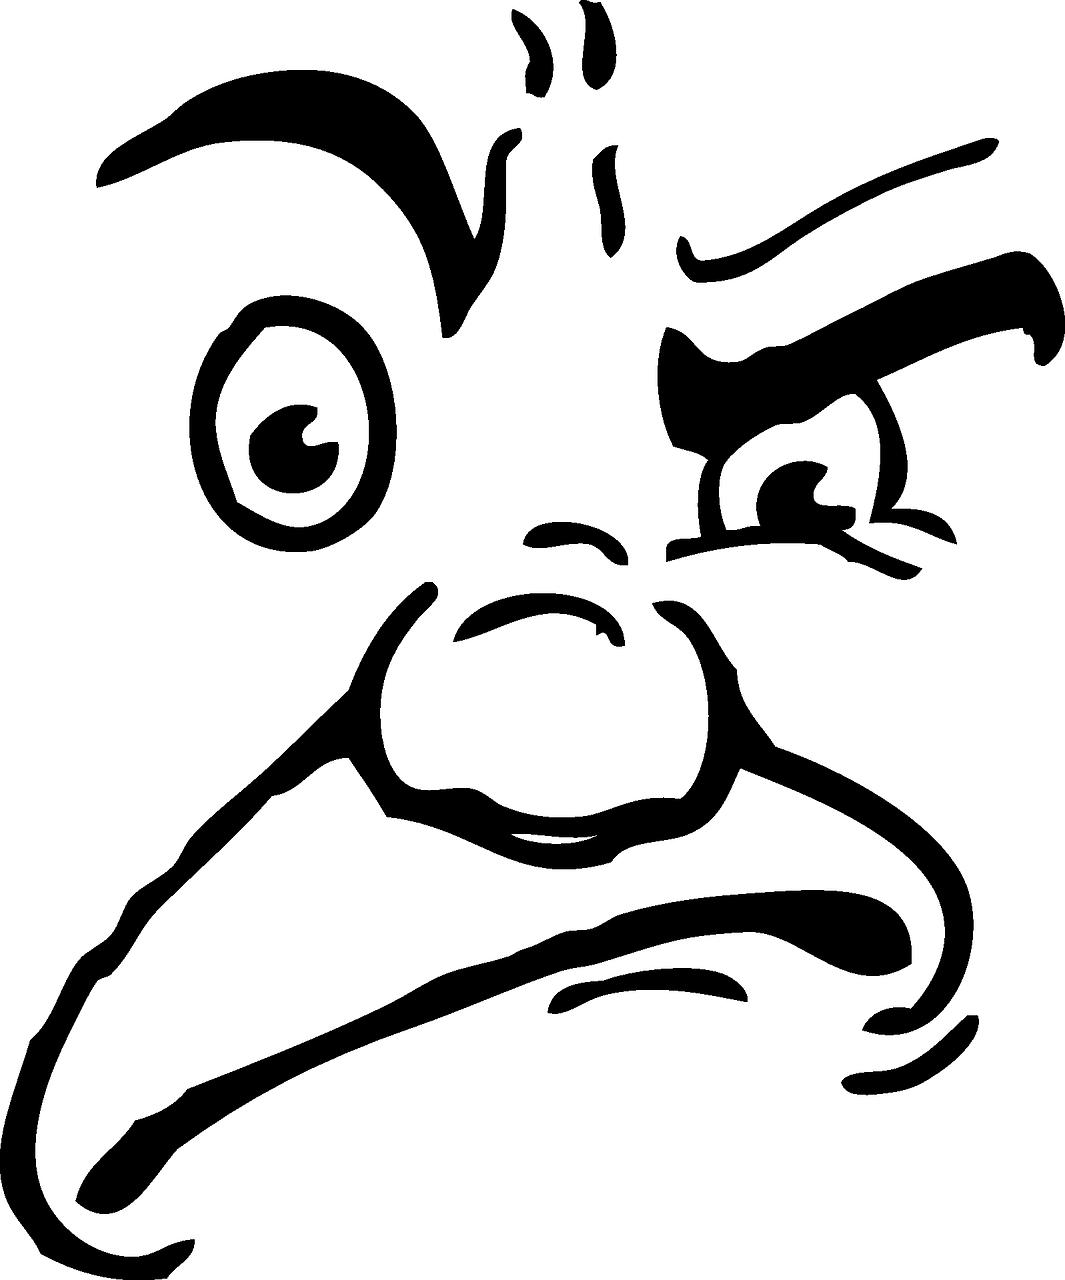 Смешные рисунки людей черно белые, скрапбукинг